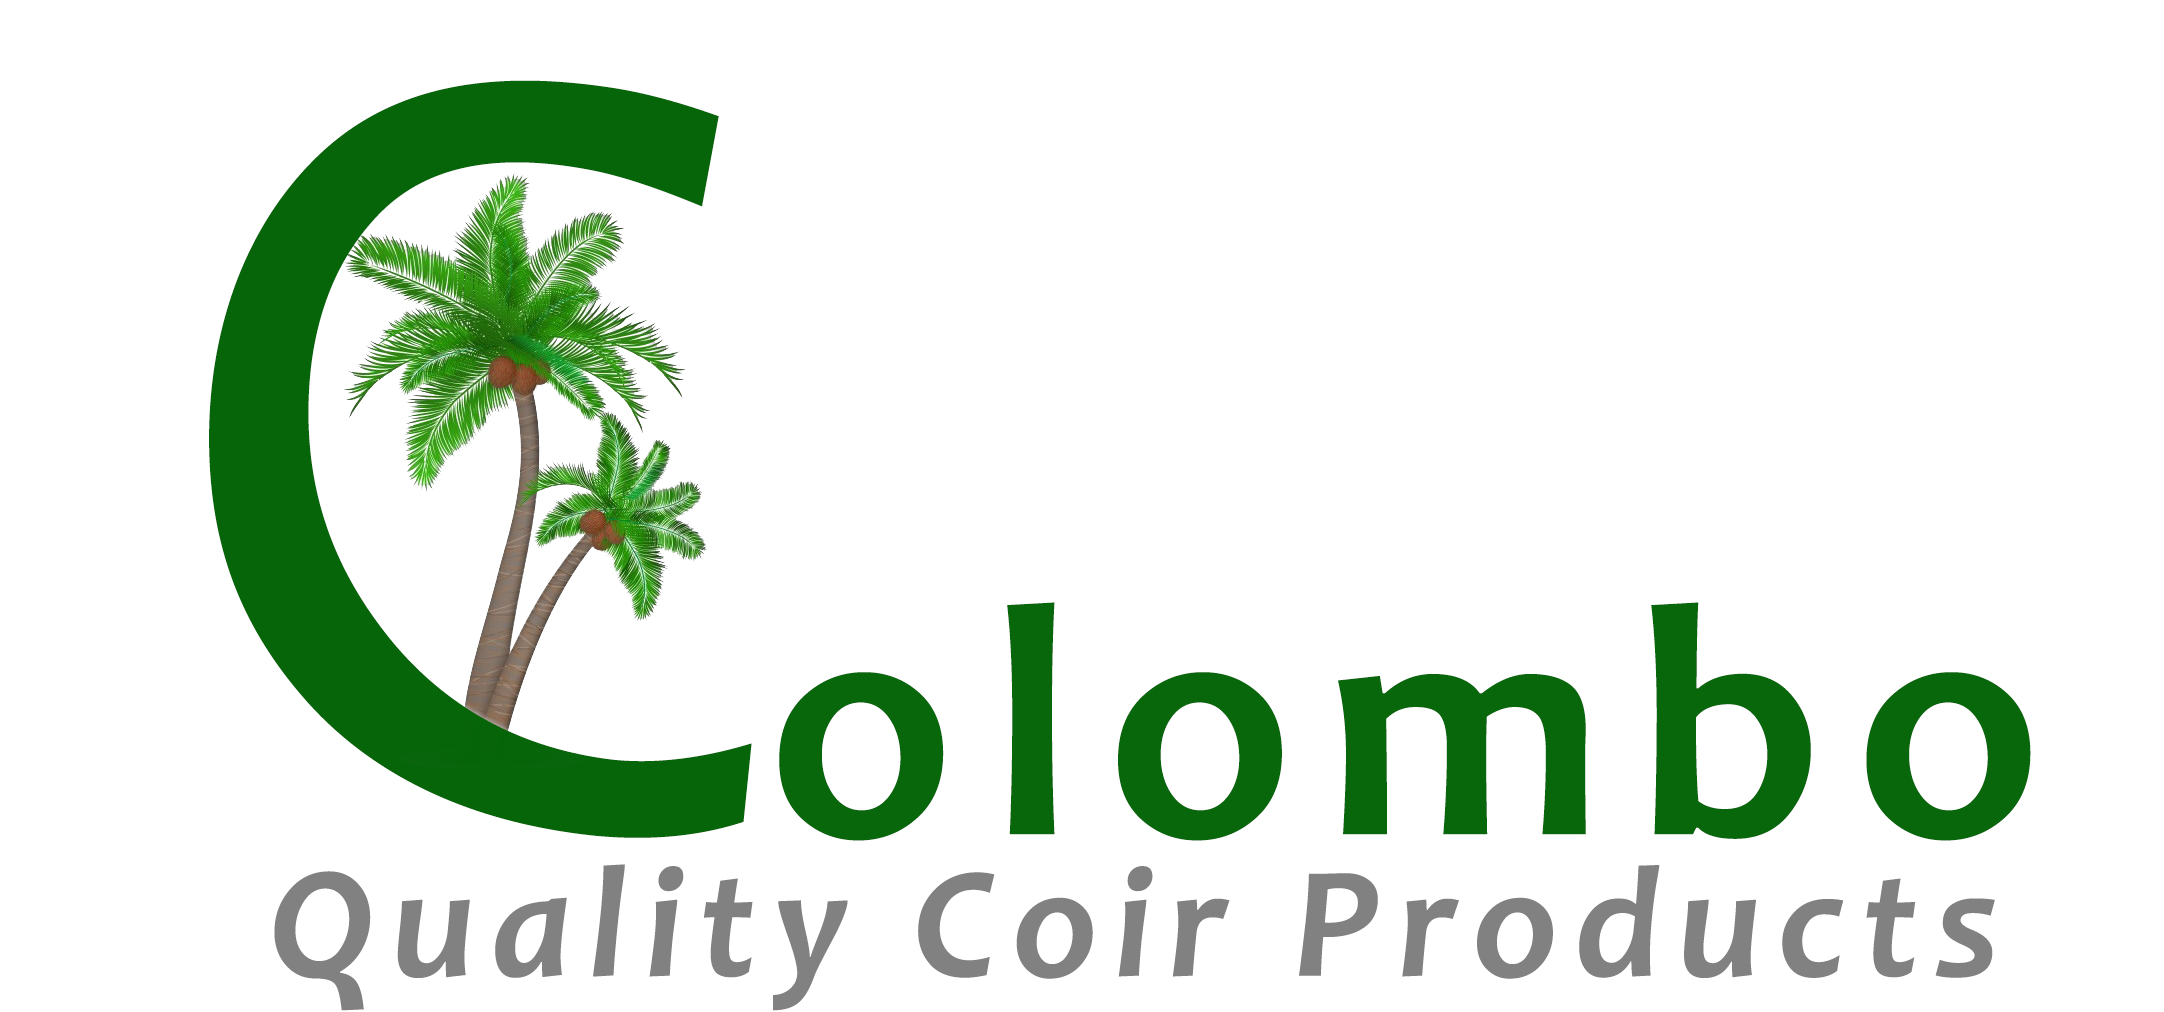 Coconut Coir Sri Lanka